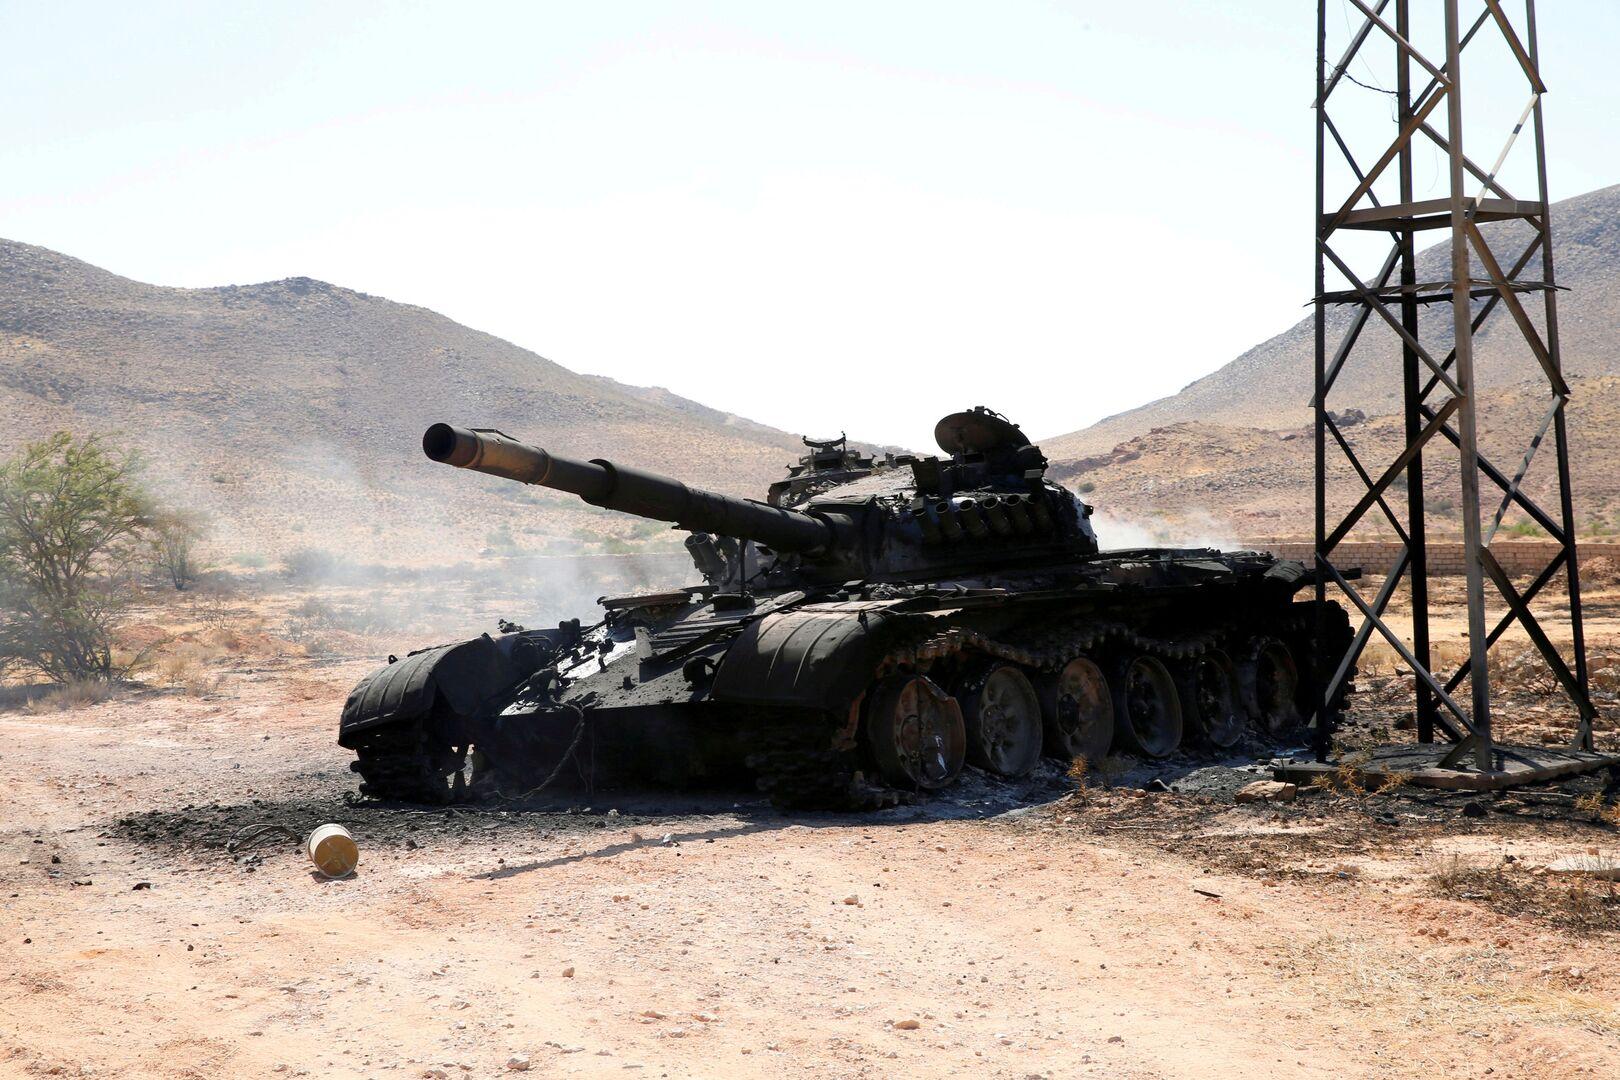 وسائل إعلام: فريق روسي تركي سيراقب وقف إطلاق النار في ليبيا